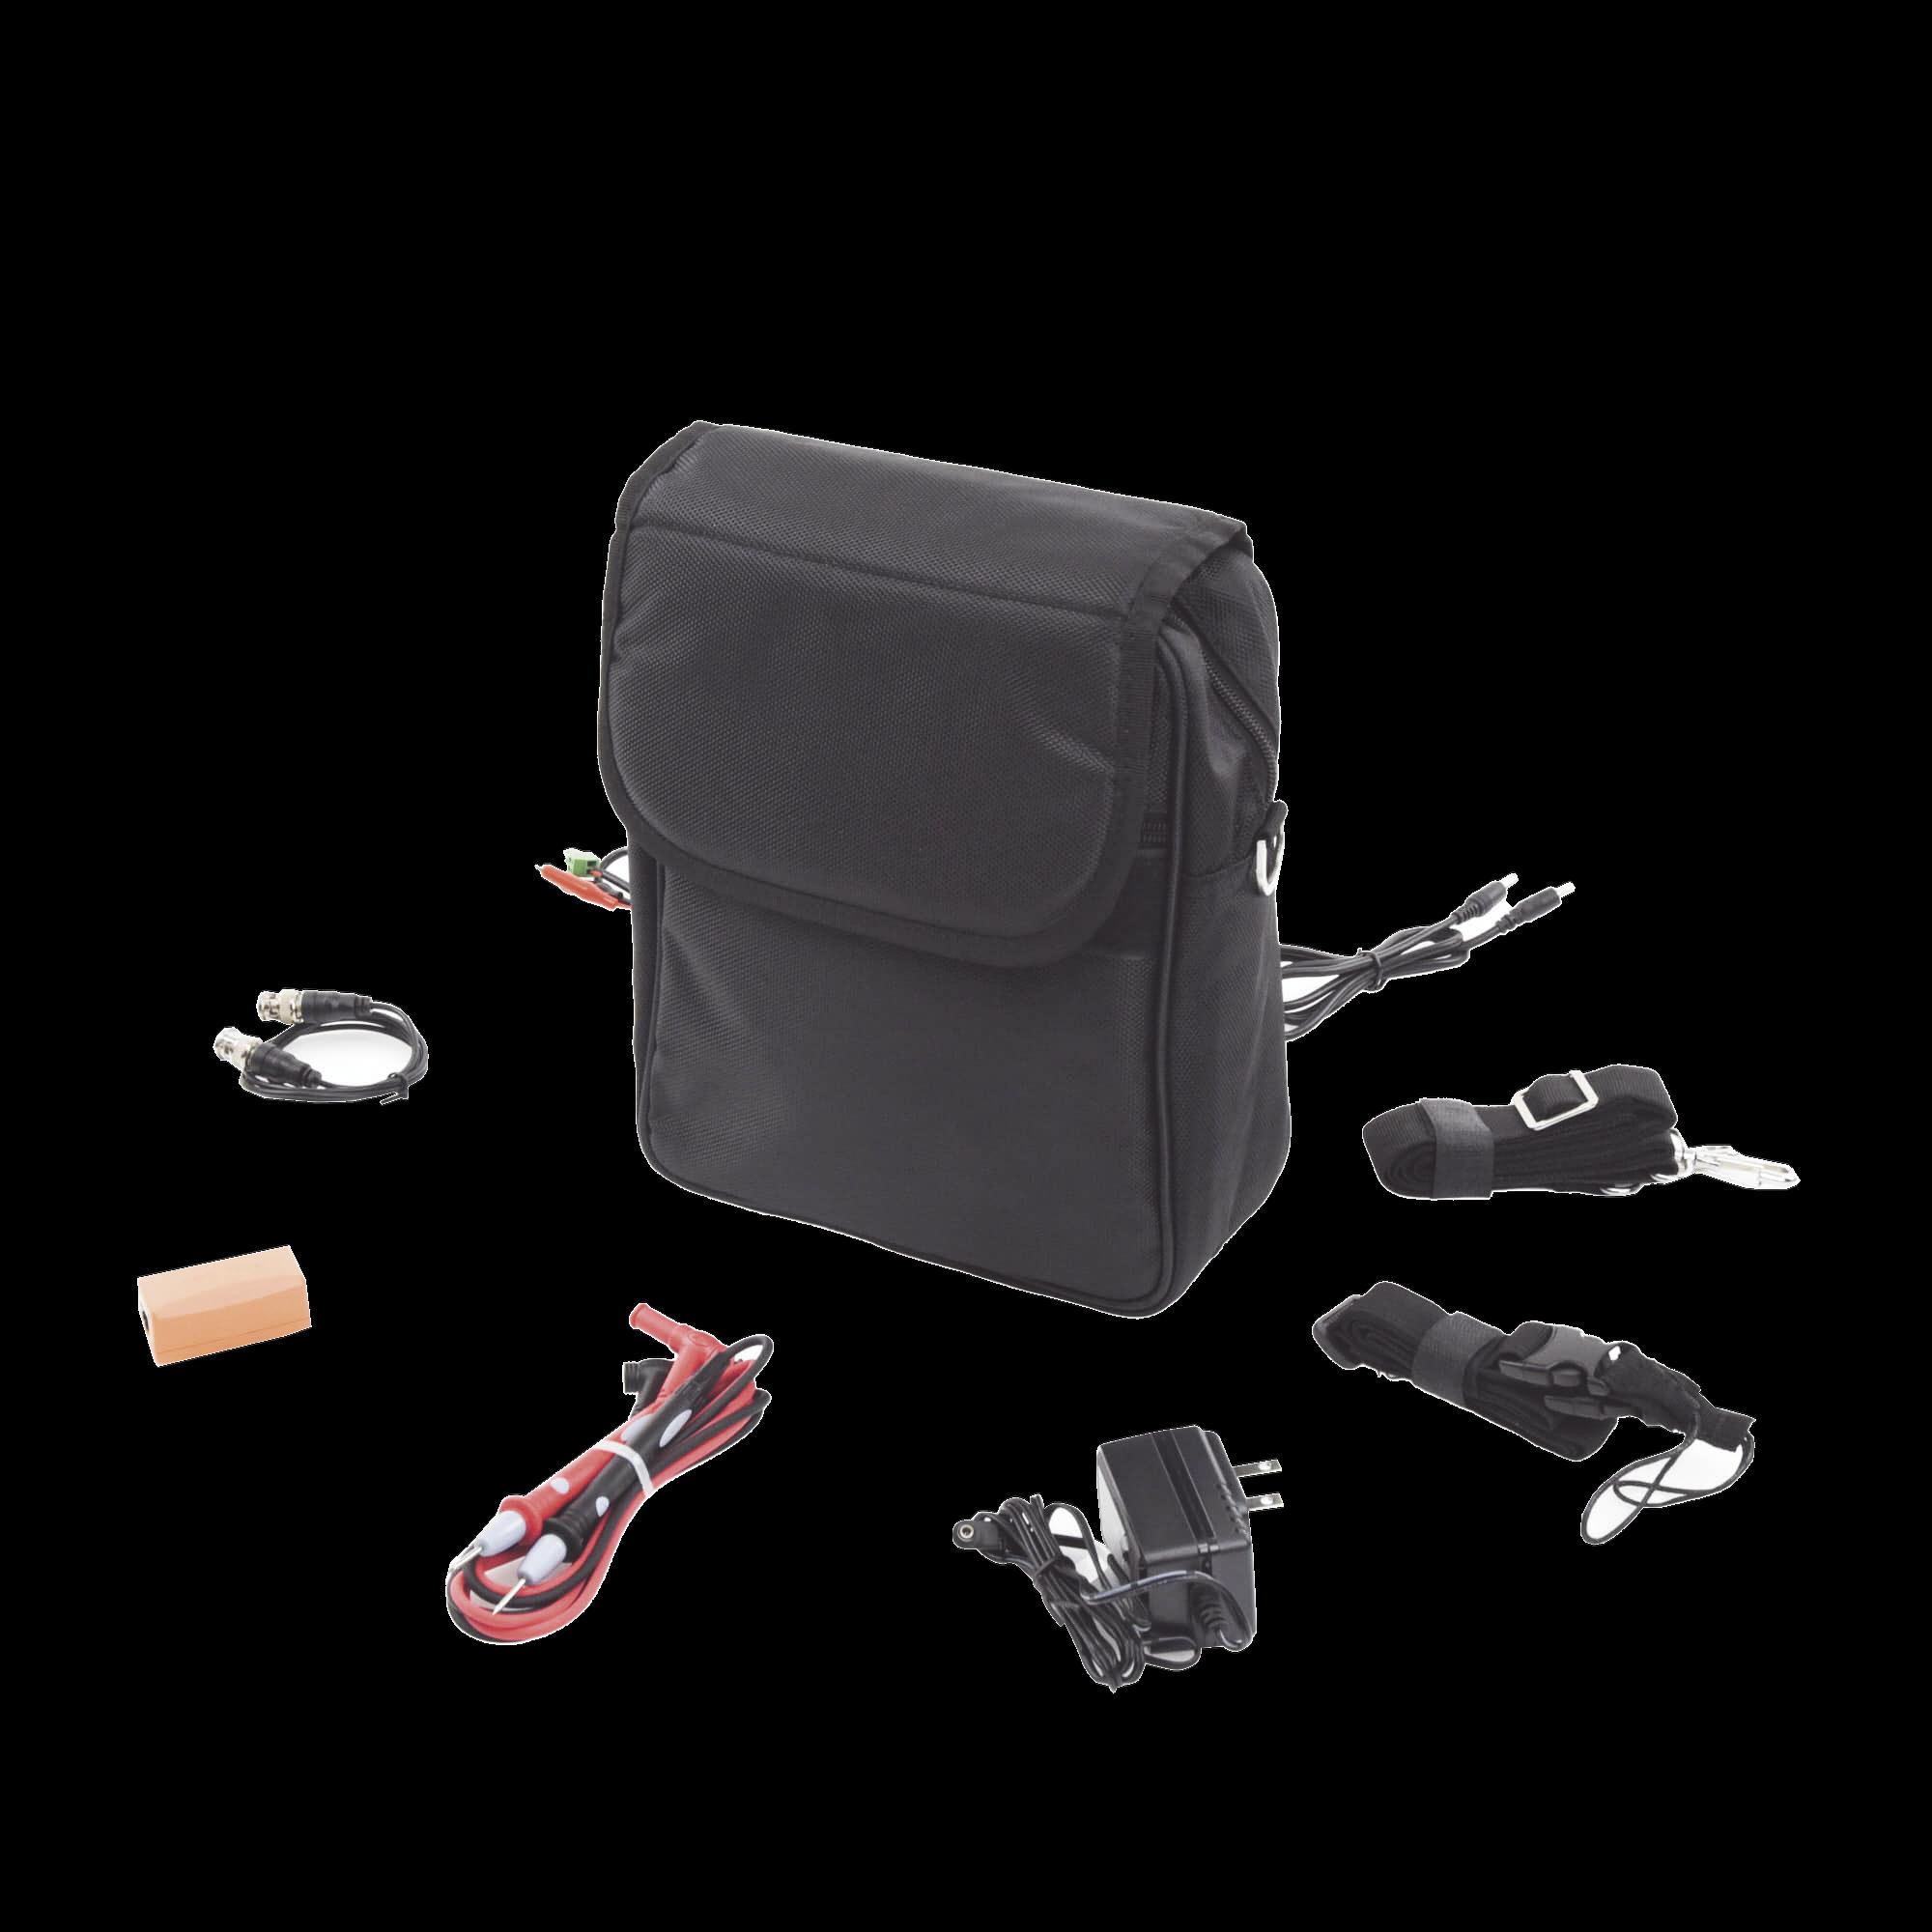 Kit de accesorios para probadores de vídeo EPMONTVI incluye: maleta, probador de cable, cables de conexion.